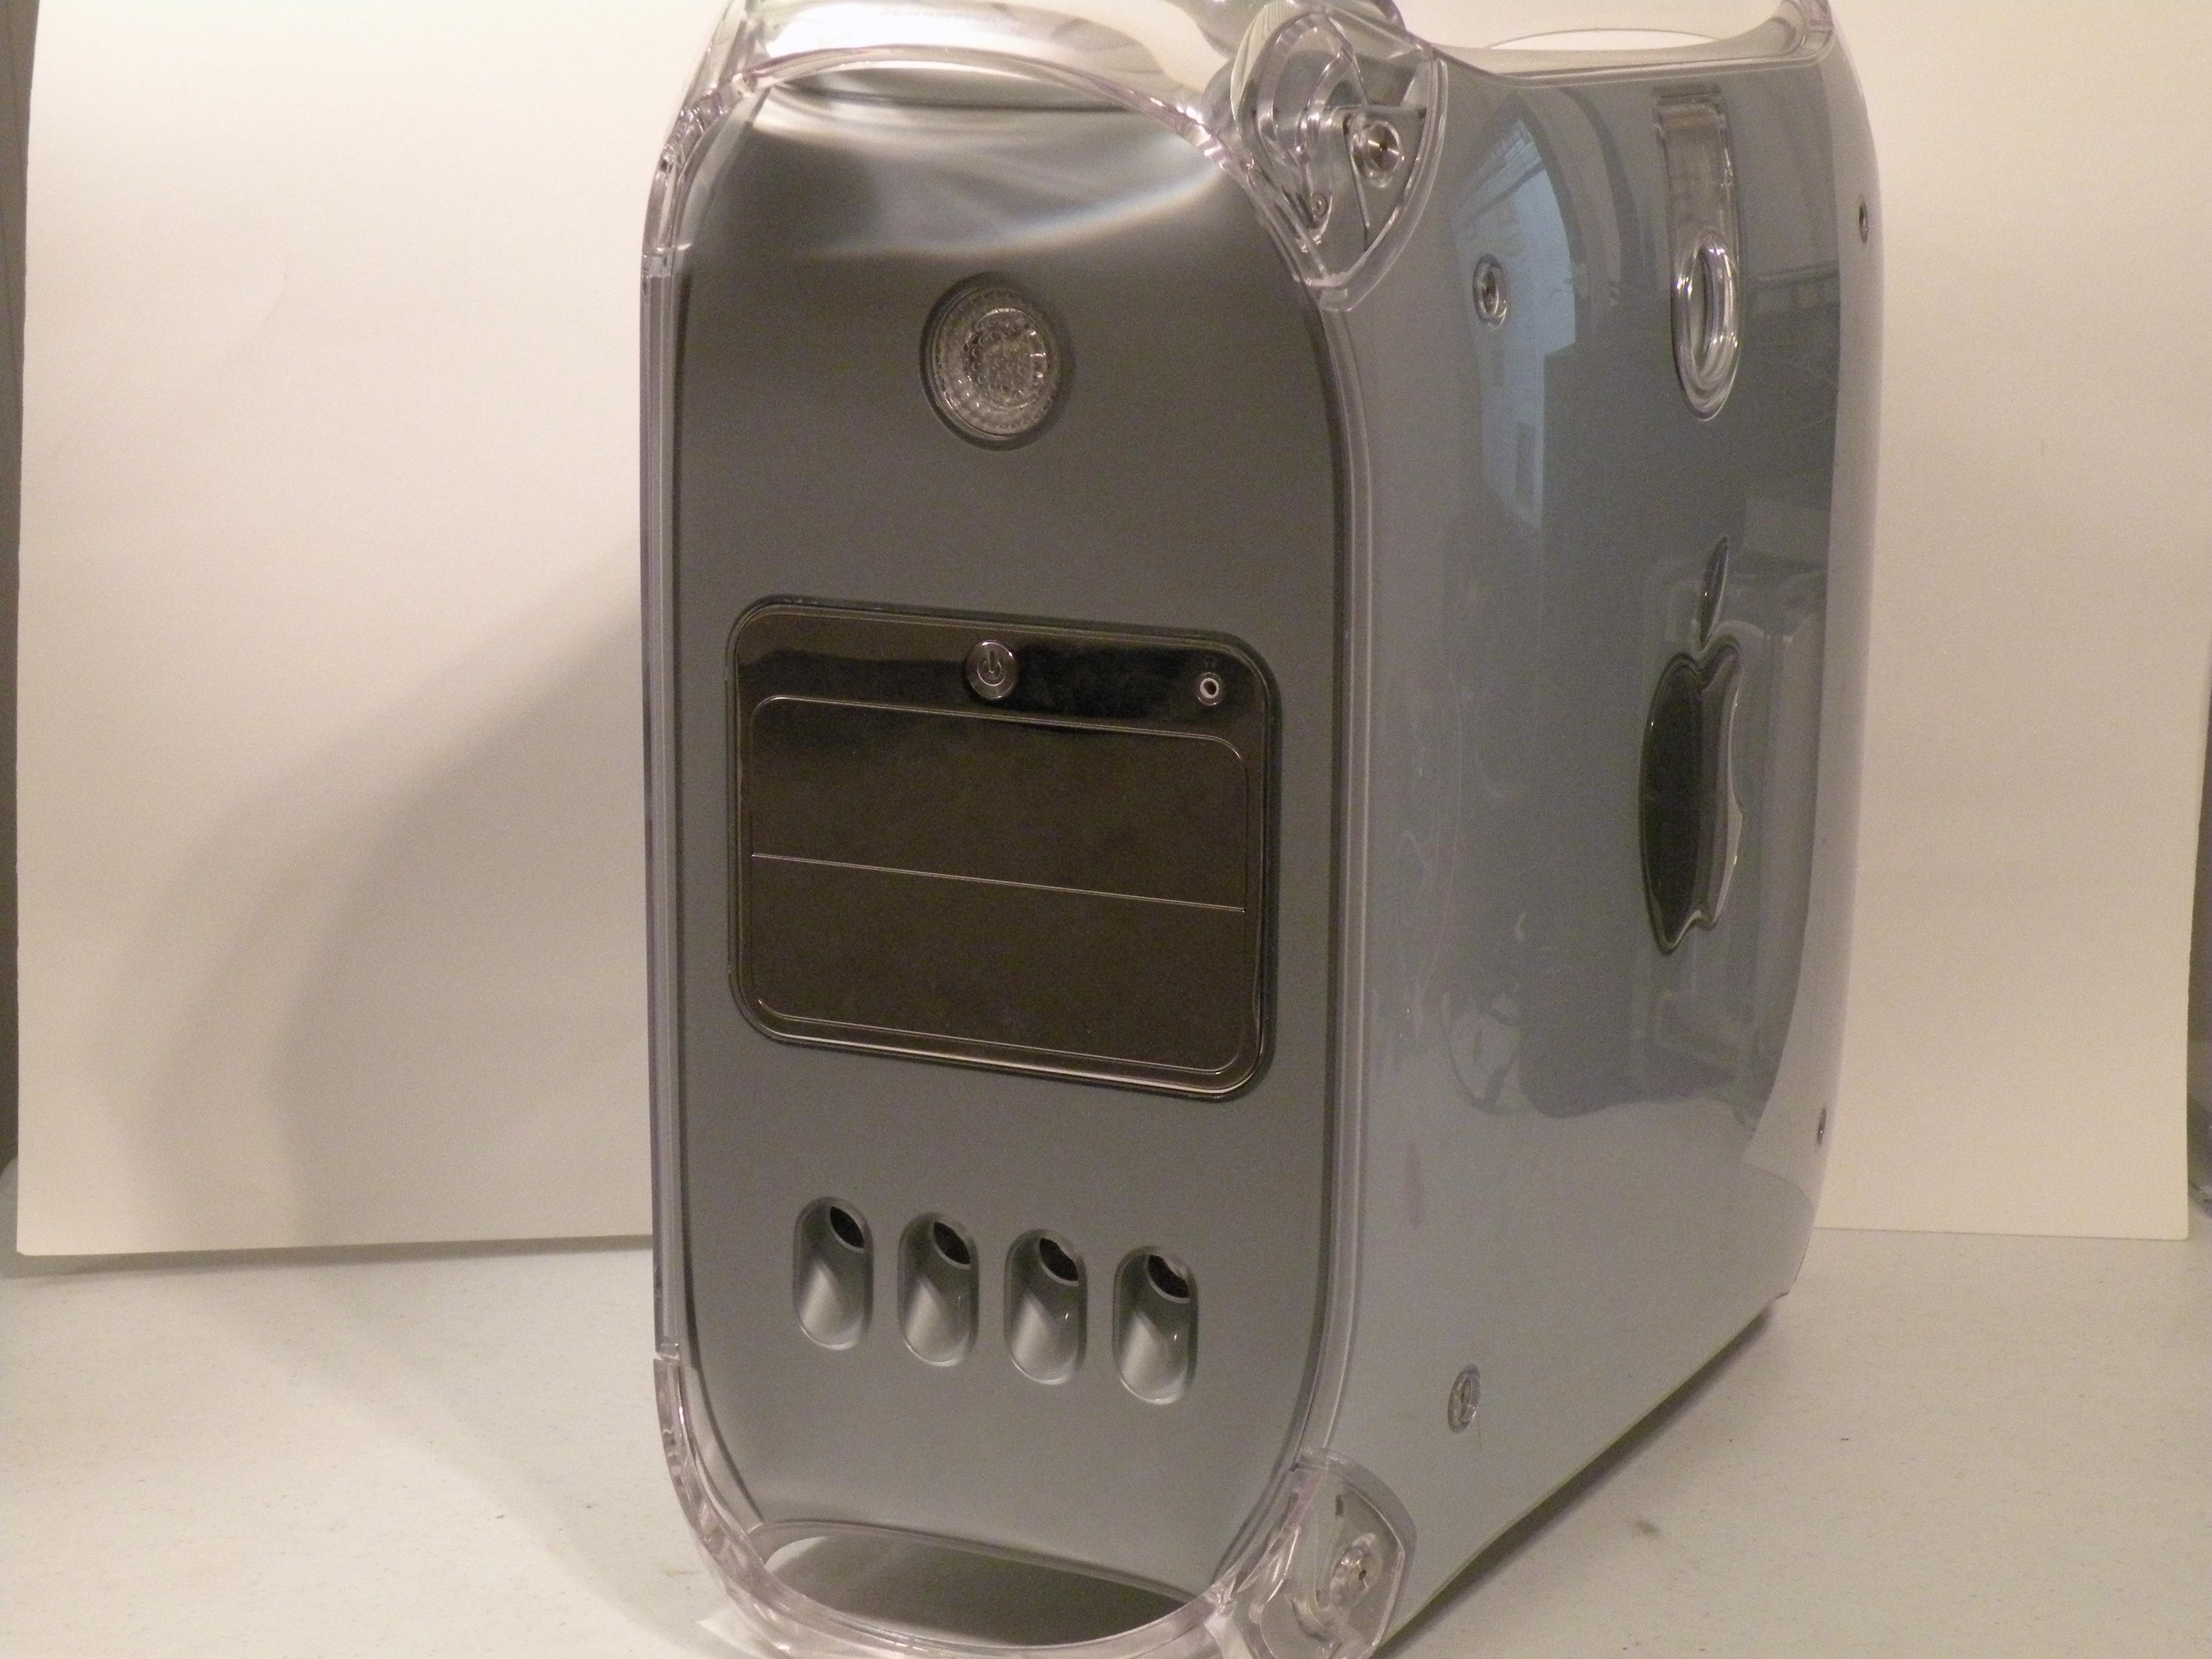 power mac g4 mdd repair ifixit rh ifixit com power mac g4 m8570 manual power mac g4 mdd service manual